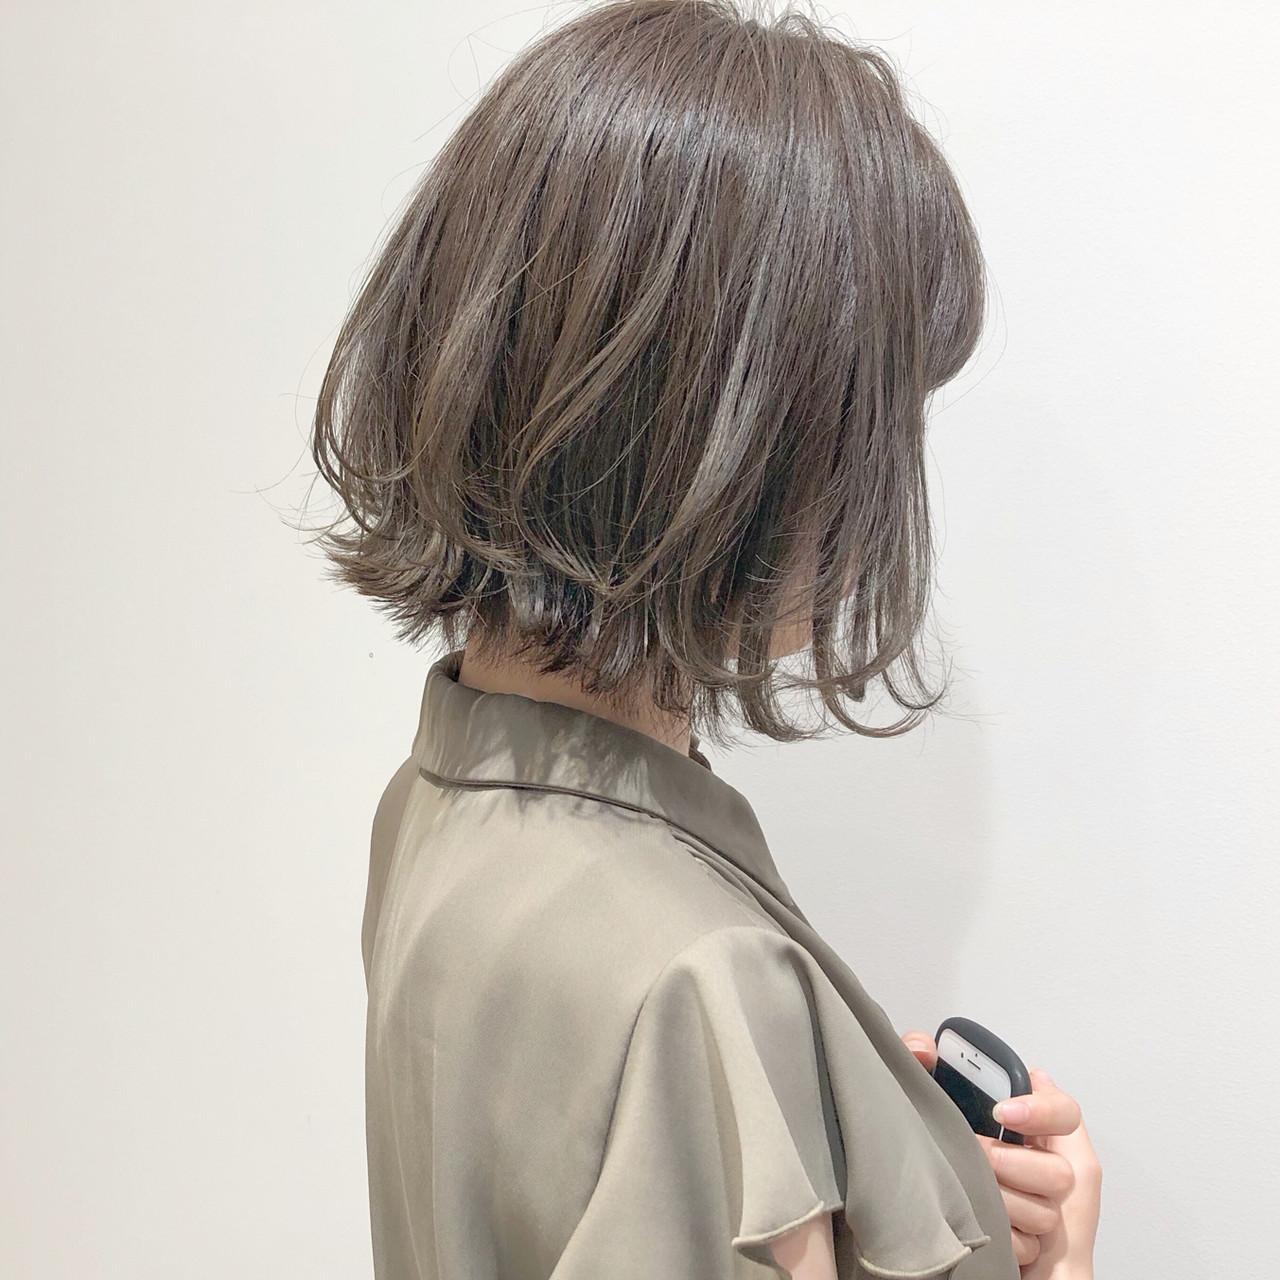 フェミニン 結婚式 デート ボブ ヘアスタイルや髪型の写真・画像 | 『ボブ美容師』永田邦彦 表参道 / send by HAIR